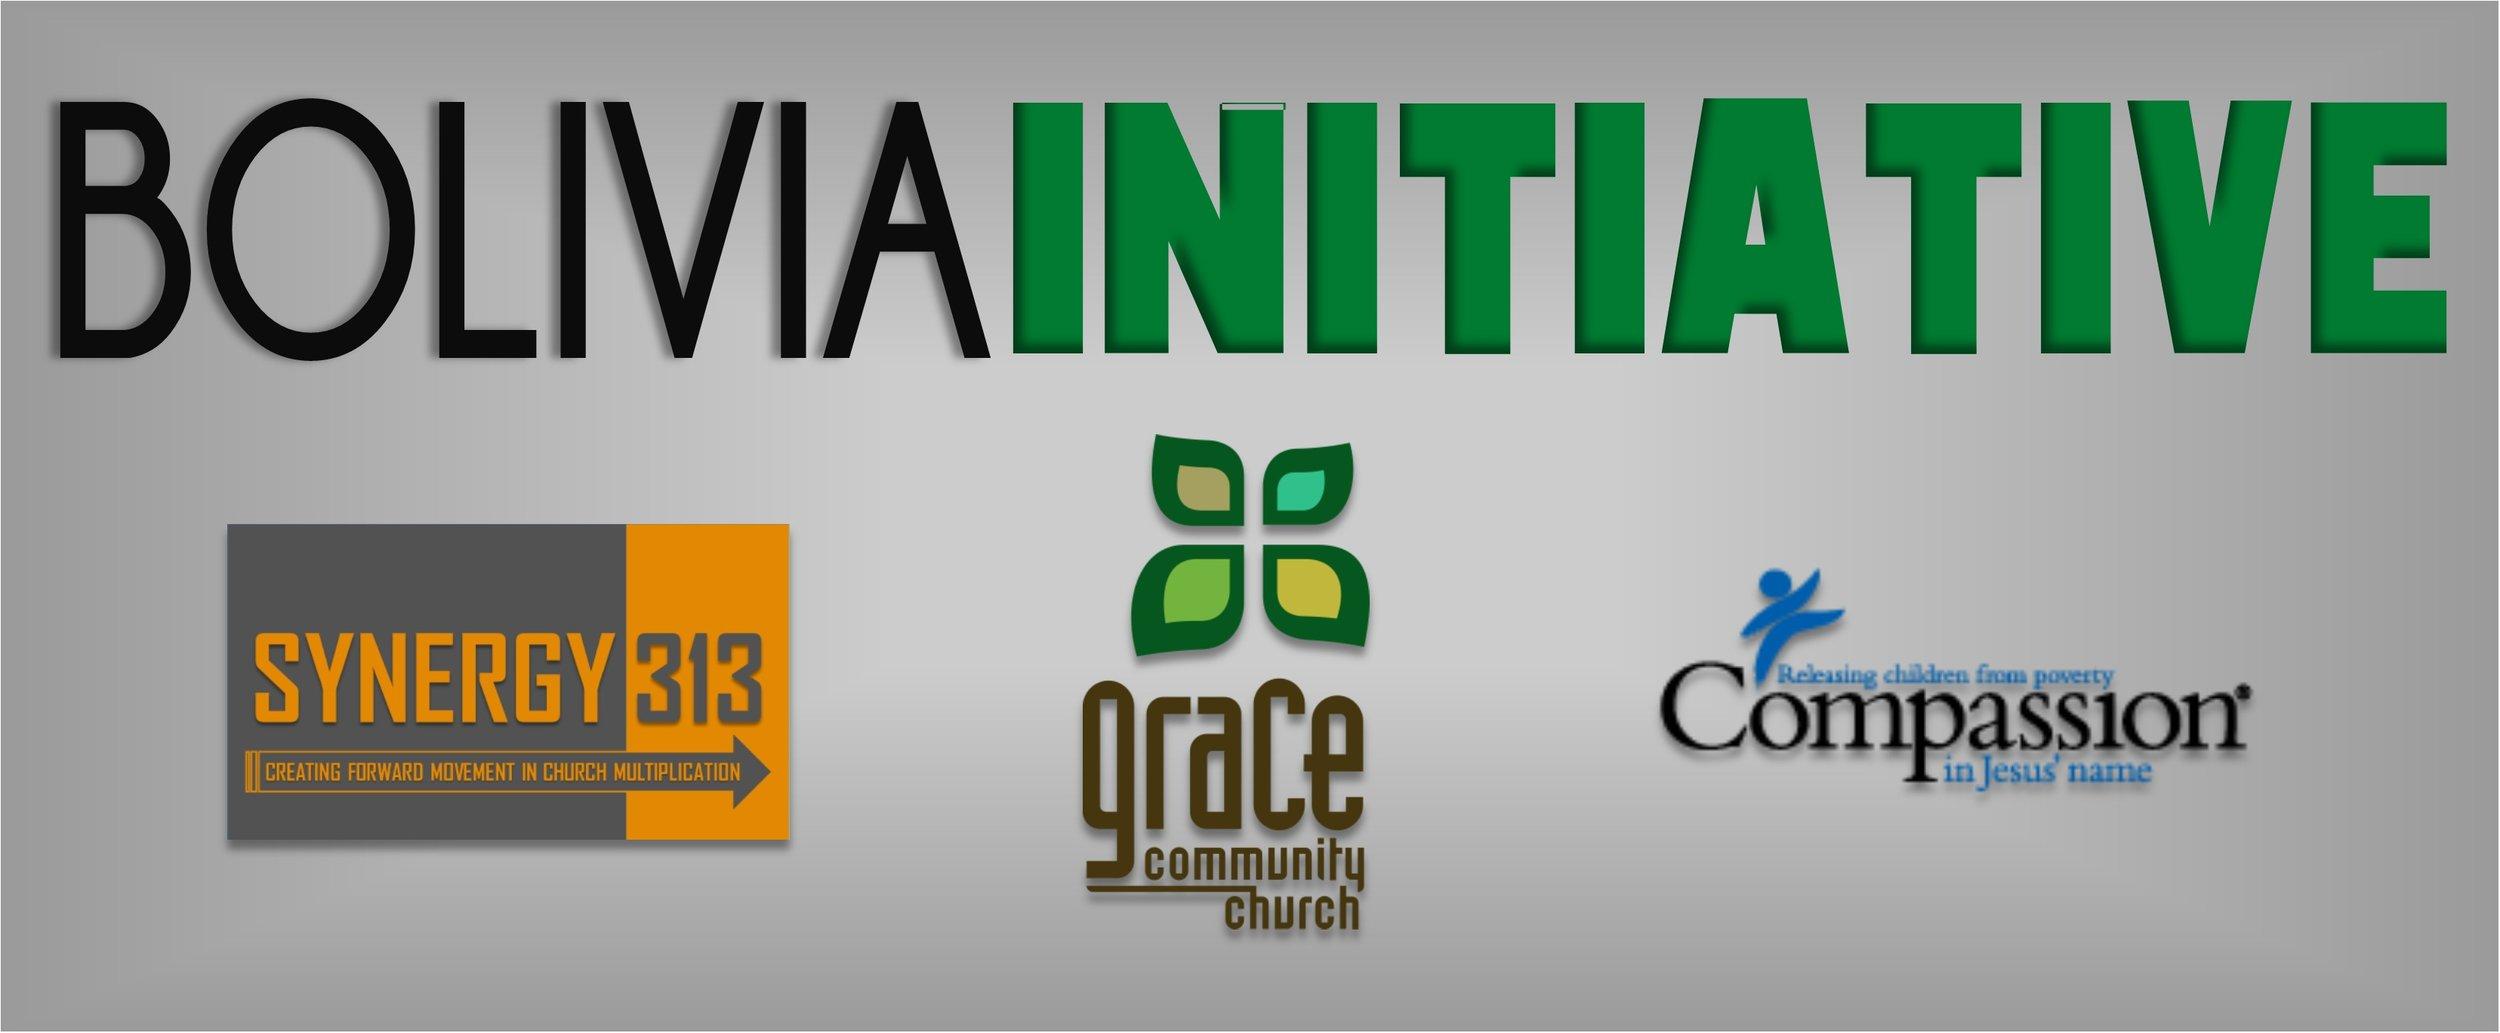 Bolivia Initiative.jpg